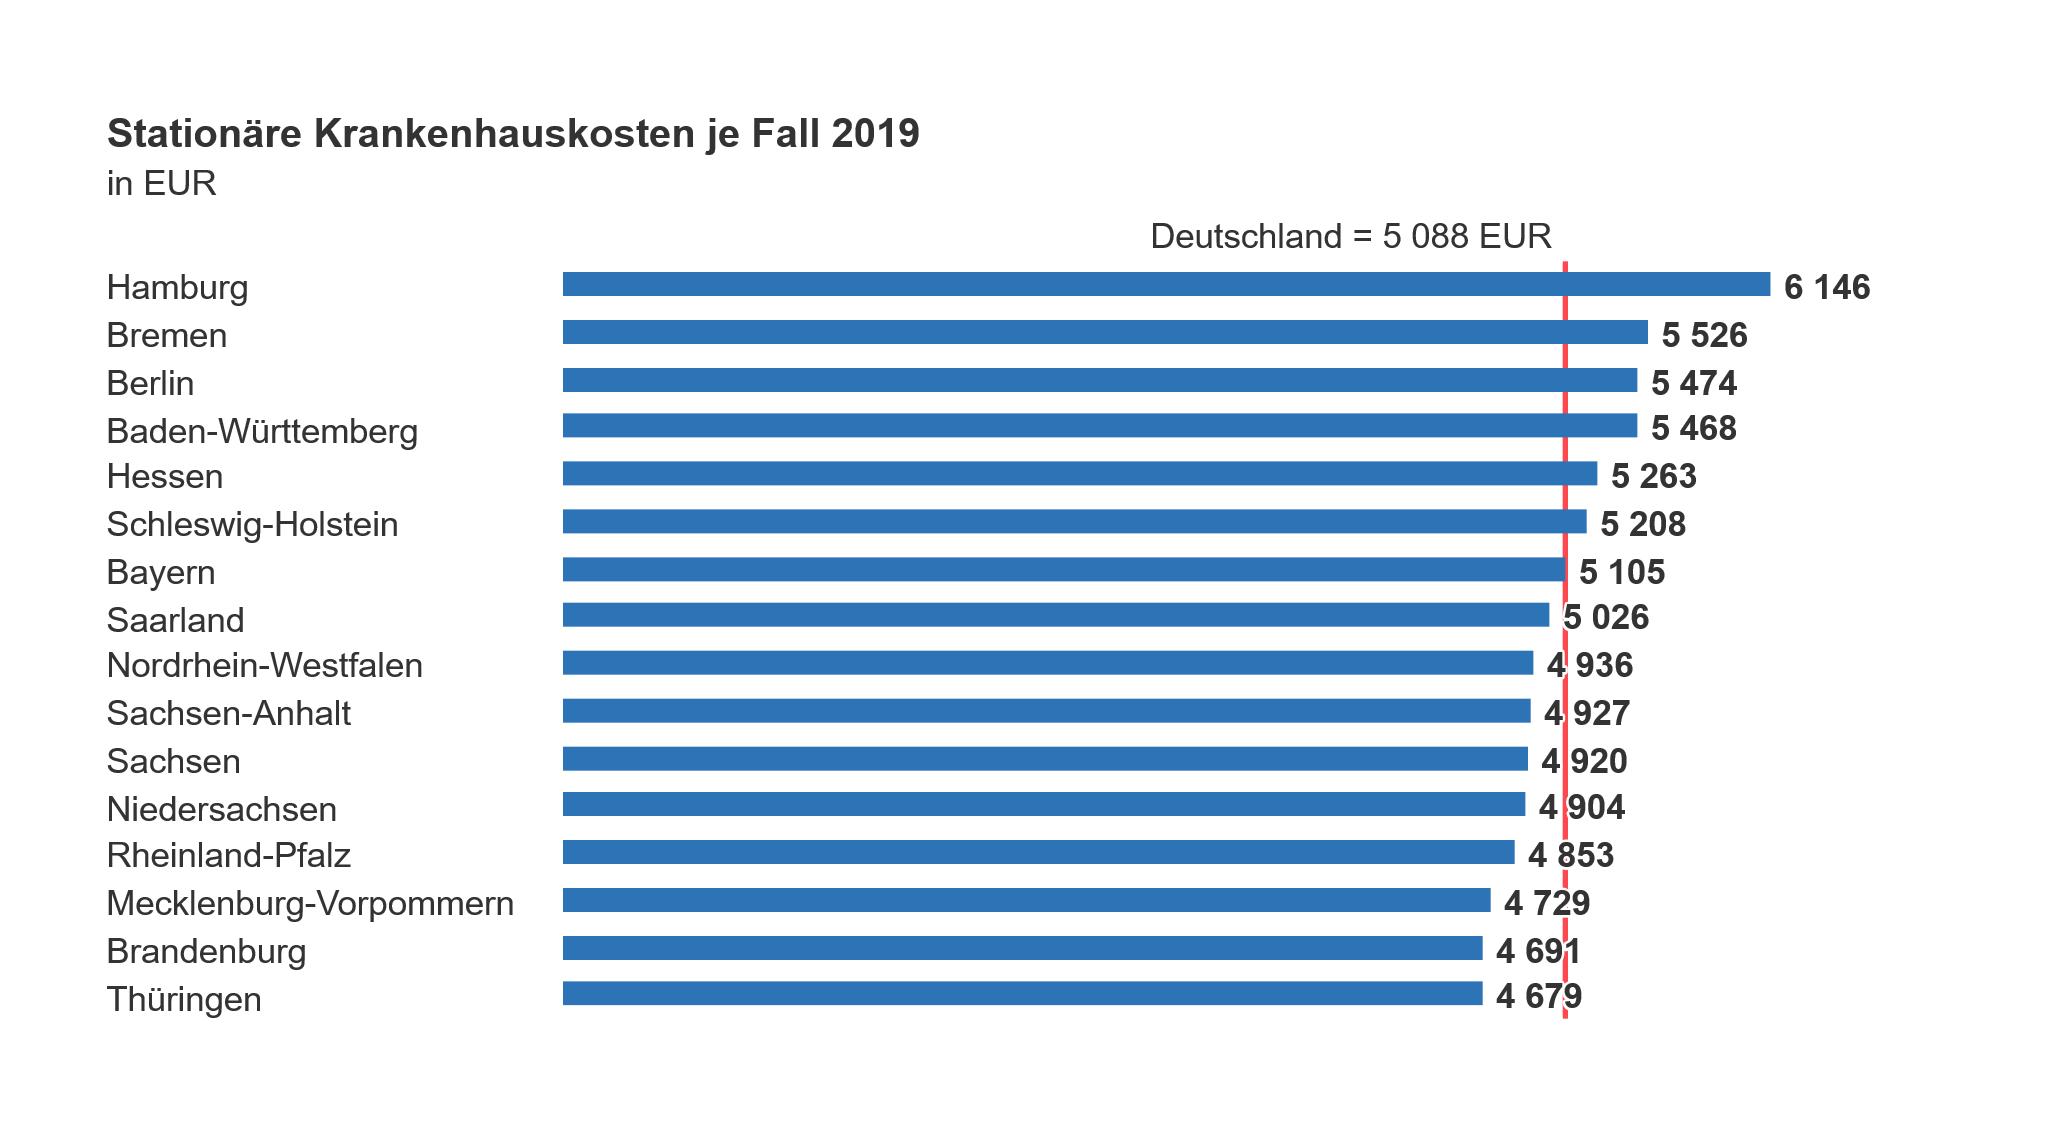 Diagramm zu Krankenhauskosten 2019 in Deutschland